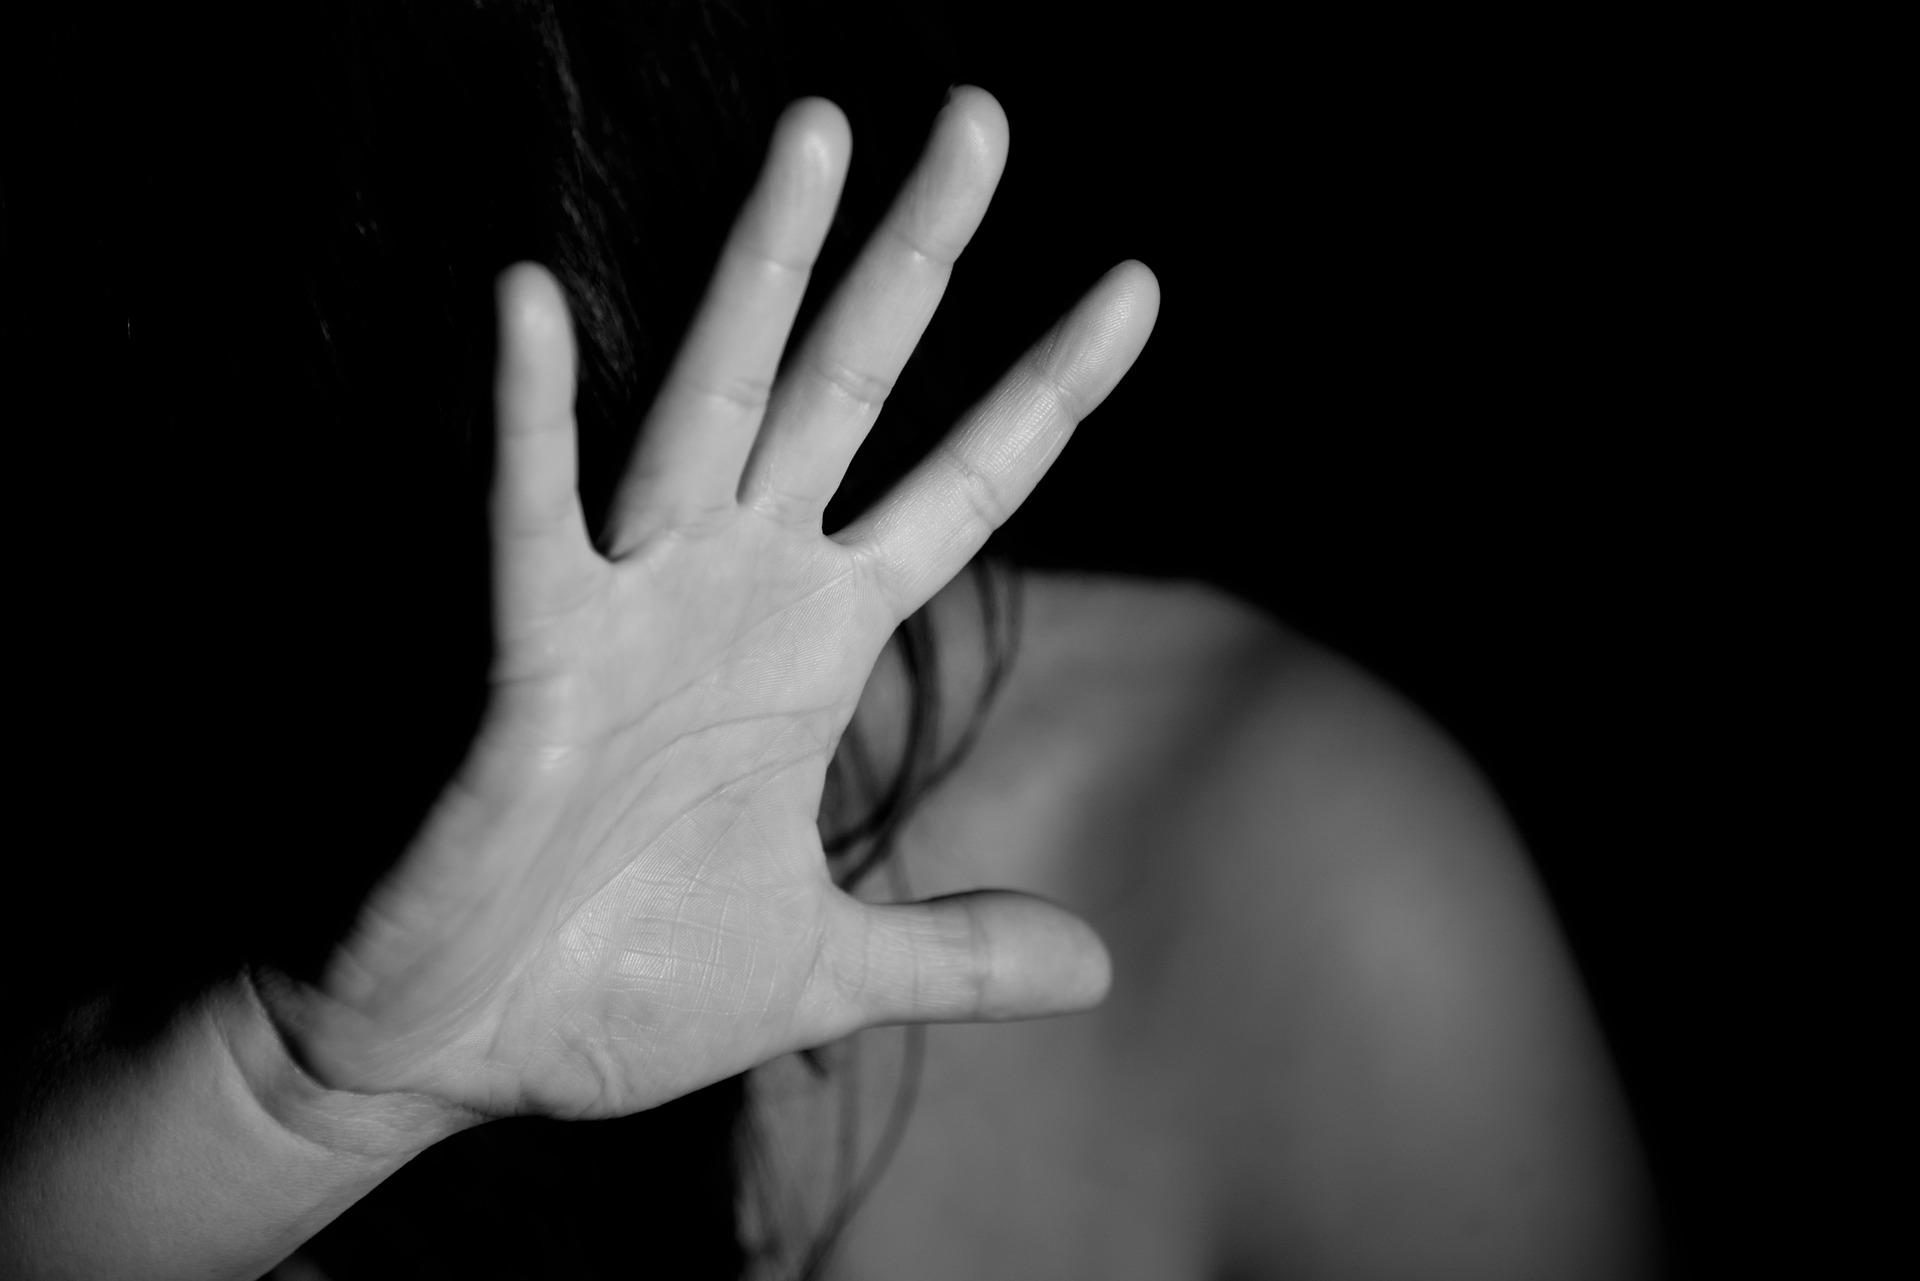 Violenza domestica, più potere alla polizia